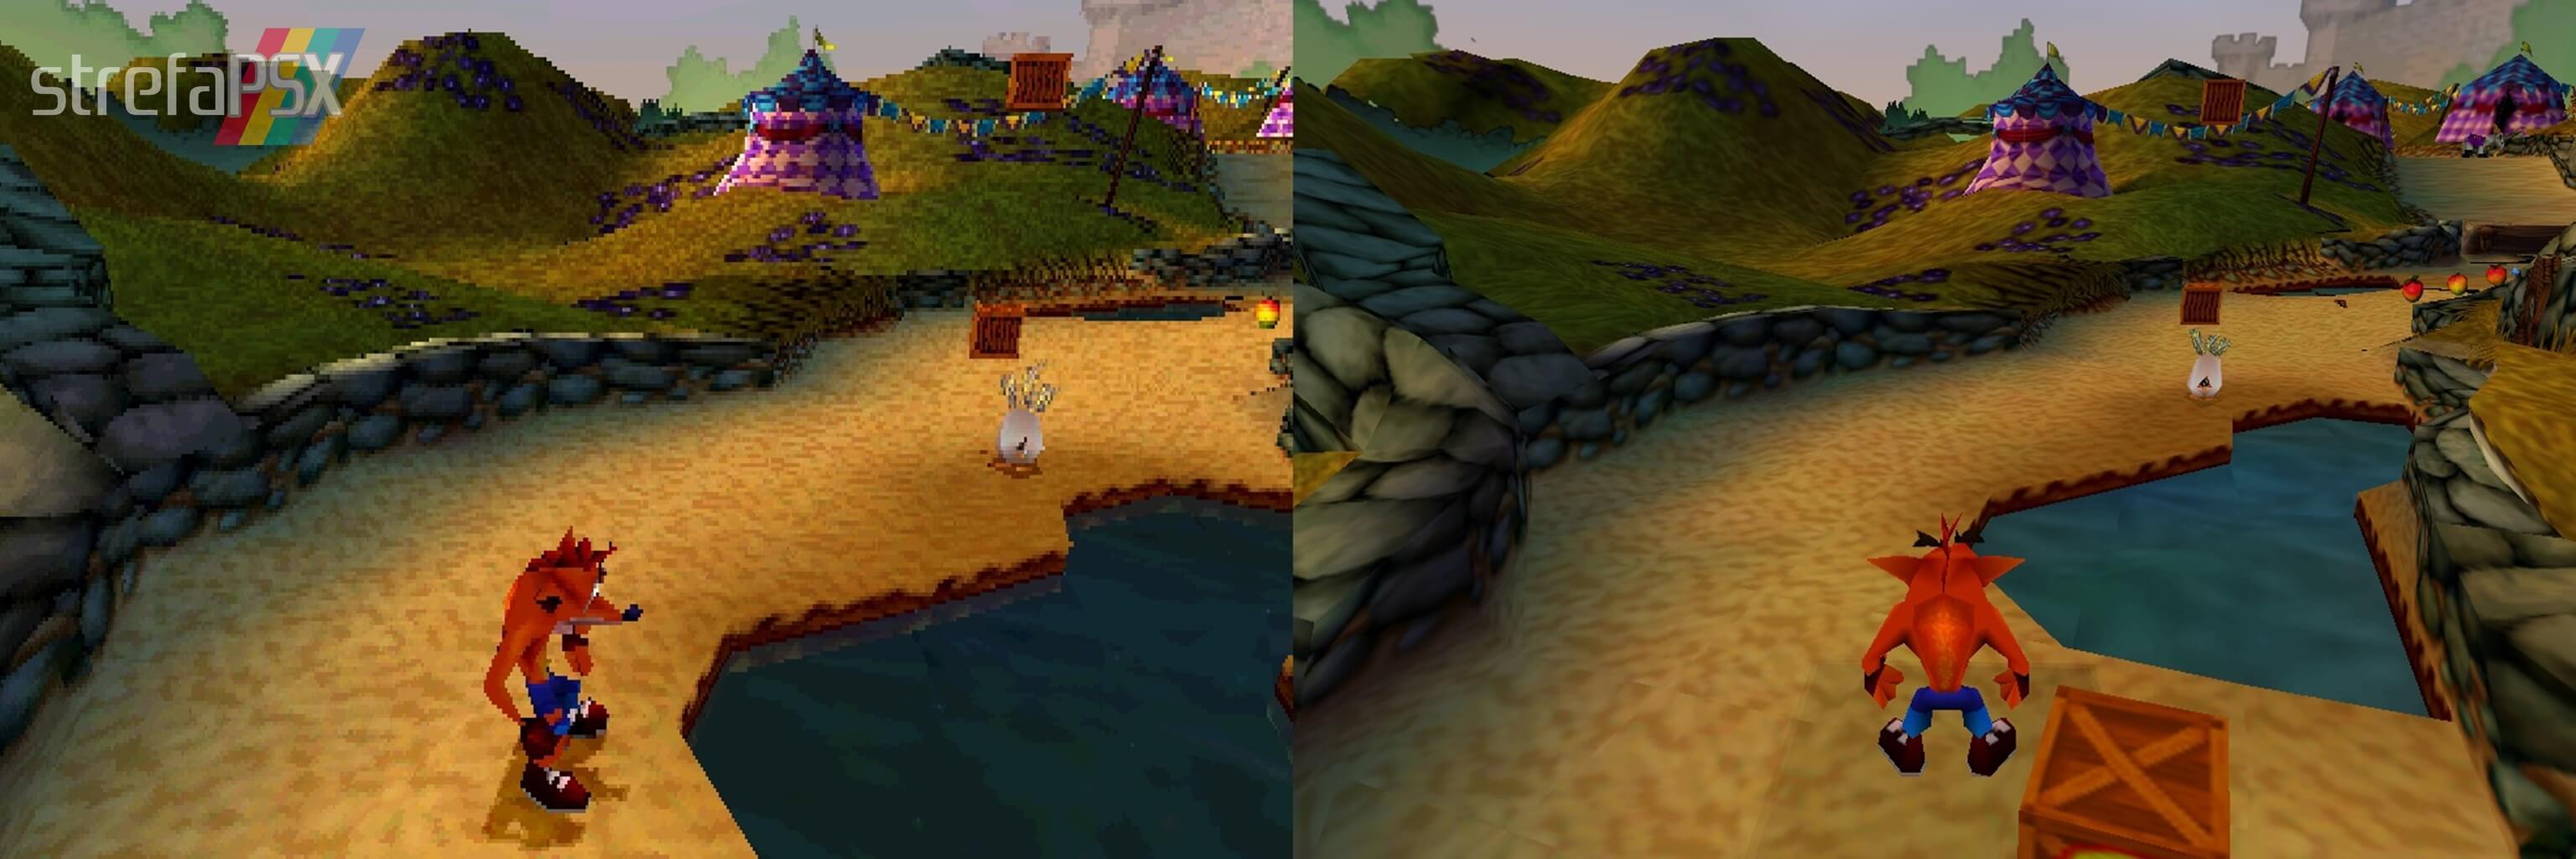 Crash Bandicoot w bleem! z wyłączoną i włączoną akceleracją 3D